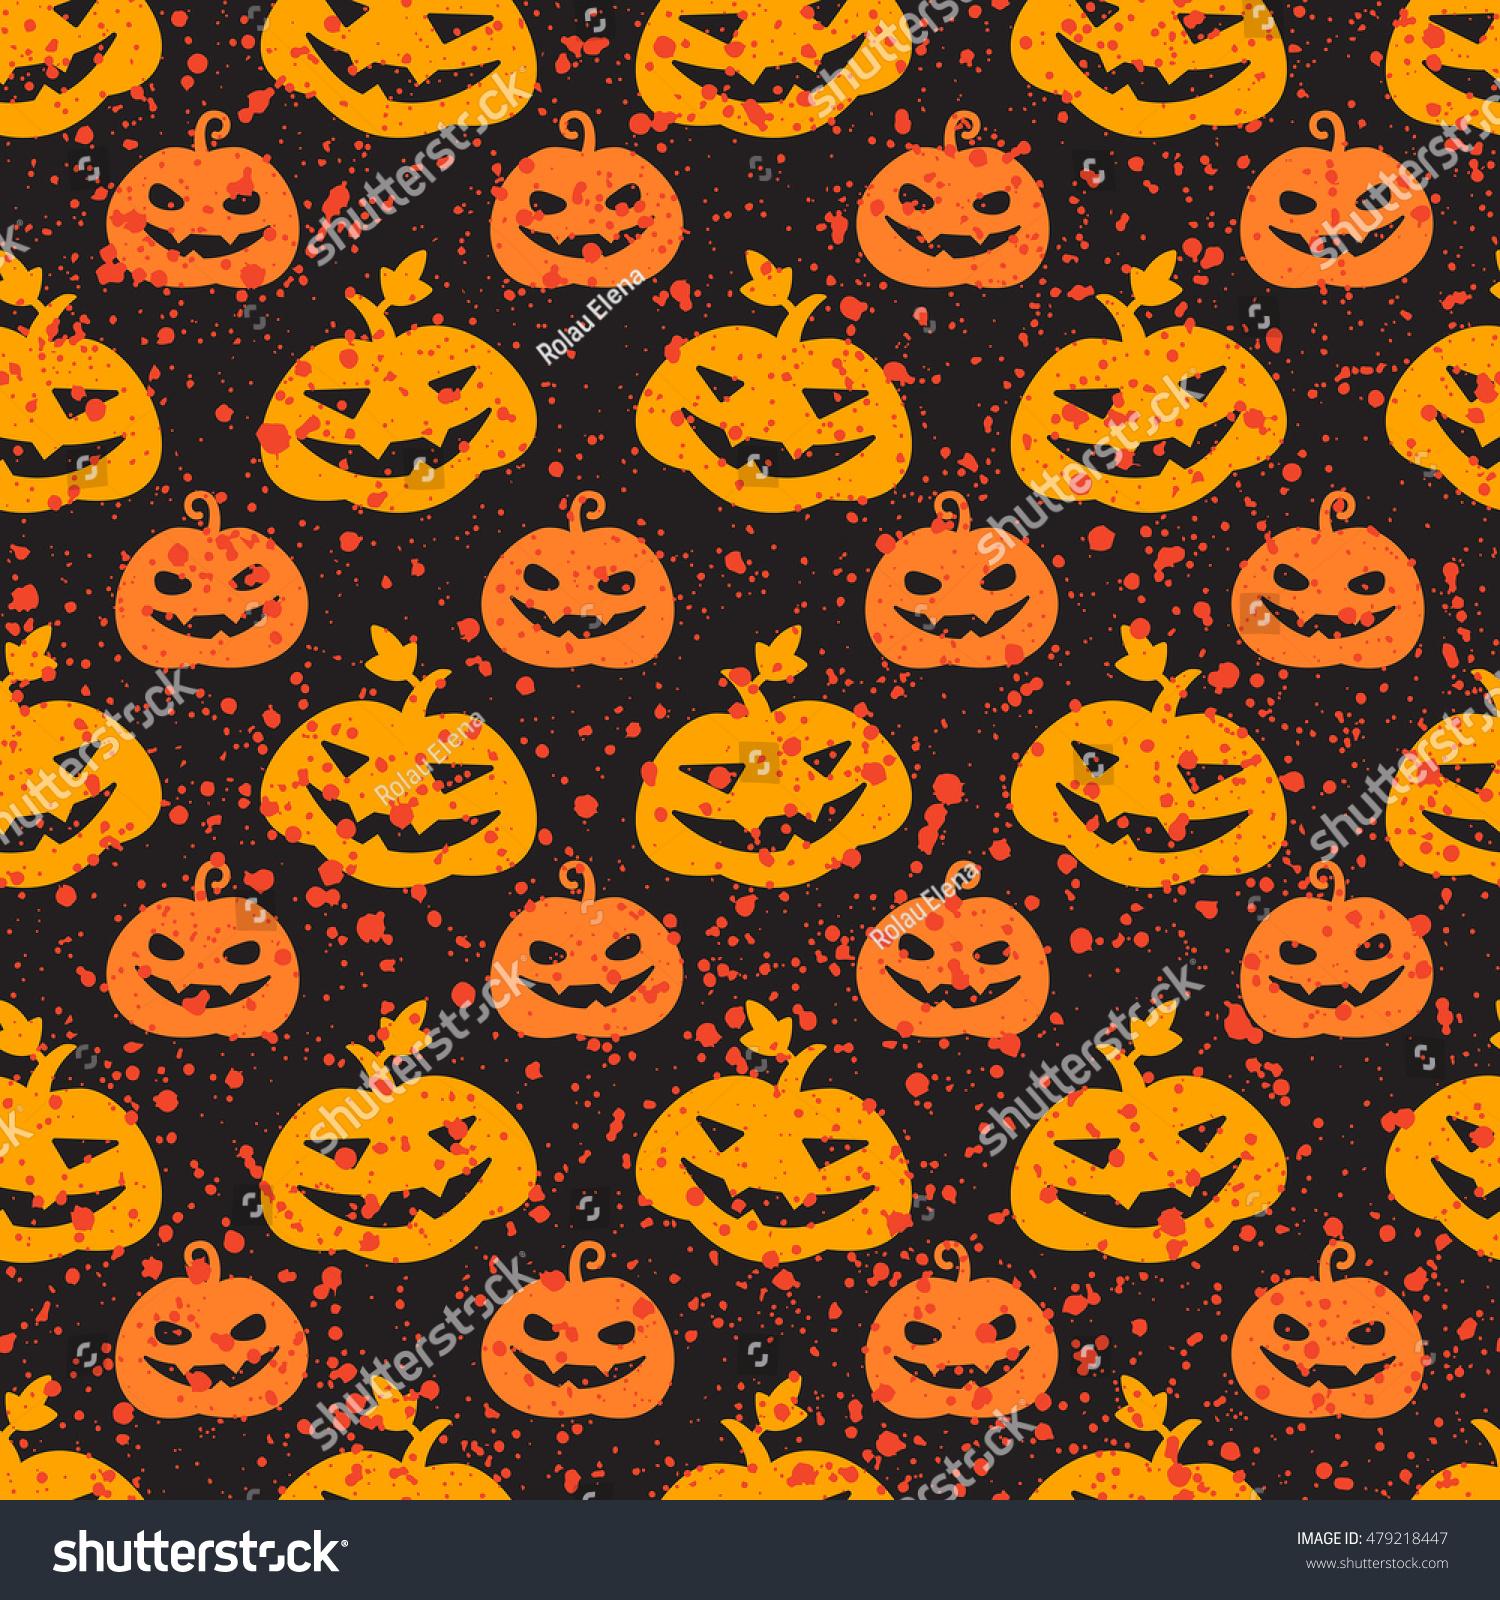 Halloween Pumpkin Seamless Vector Pattern Cute Stock Vector ...